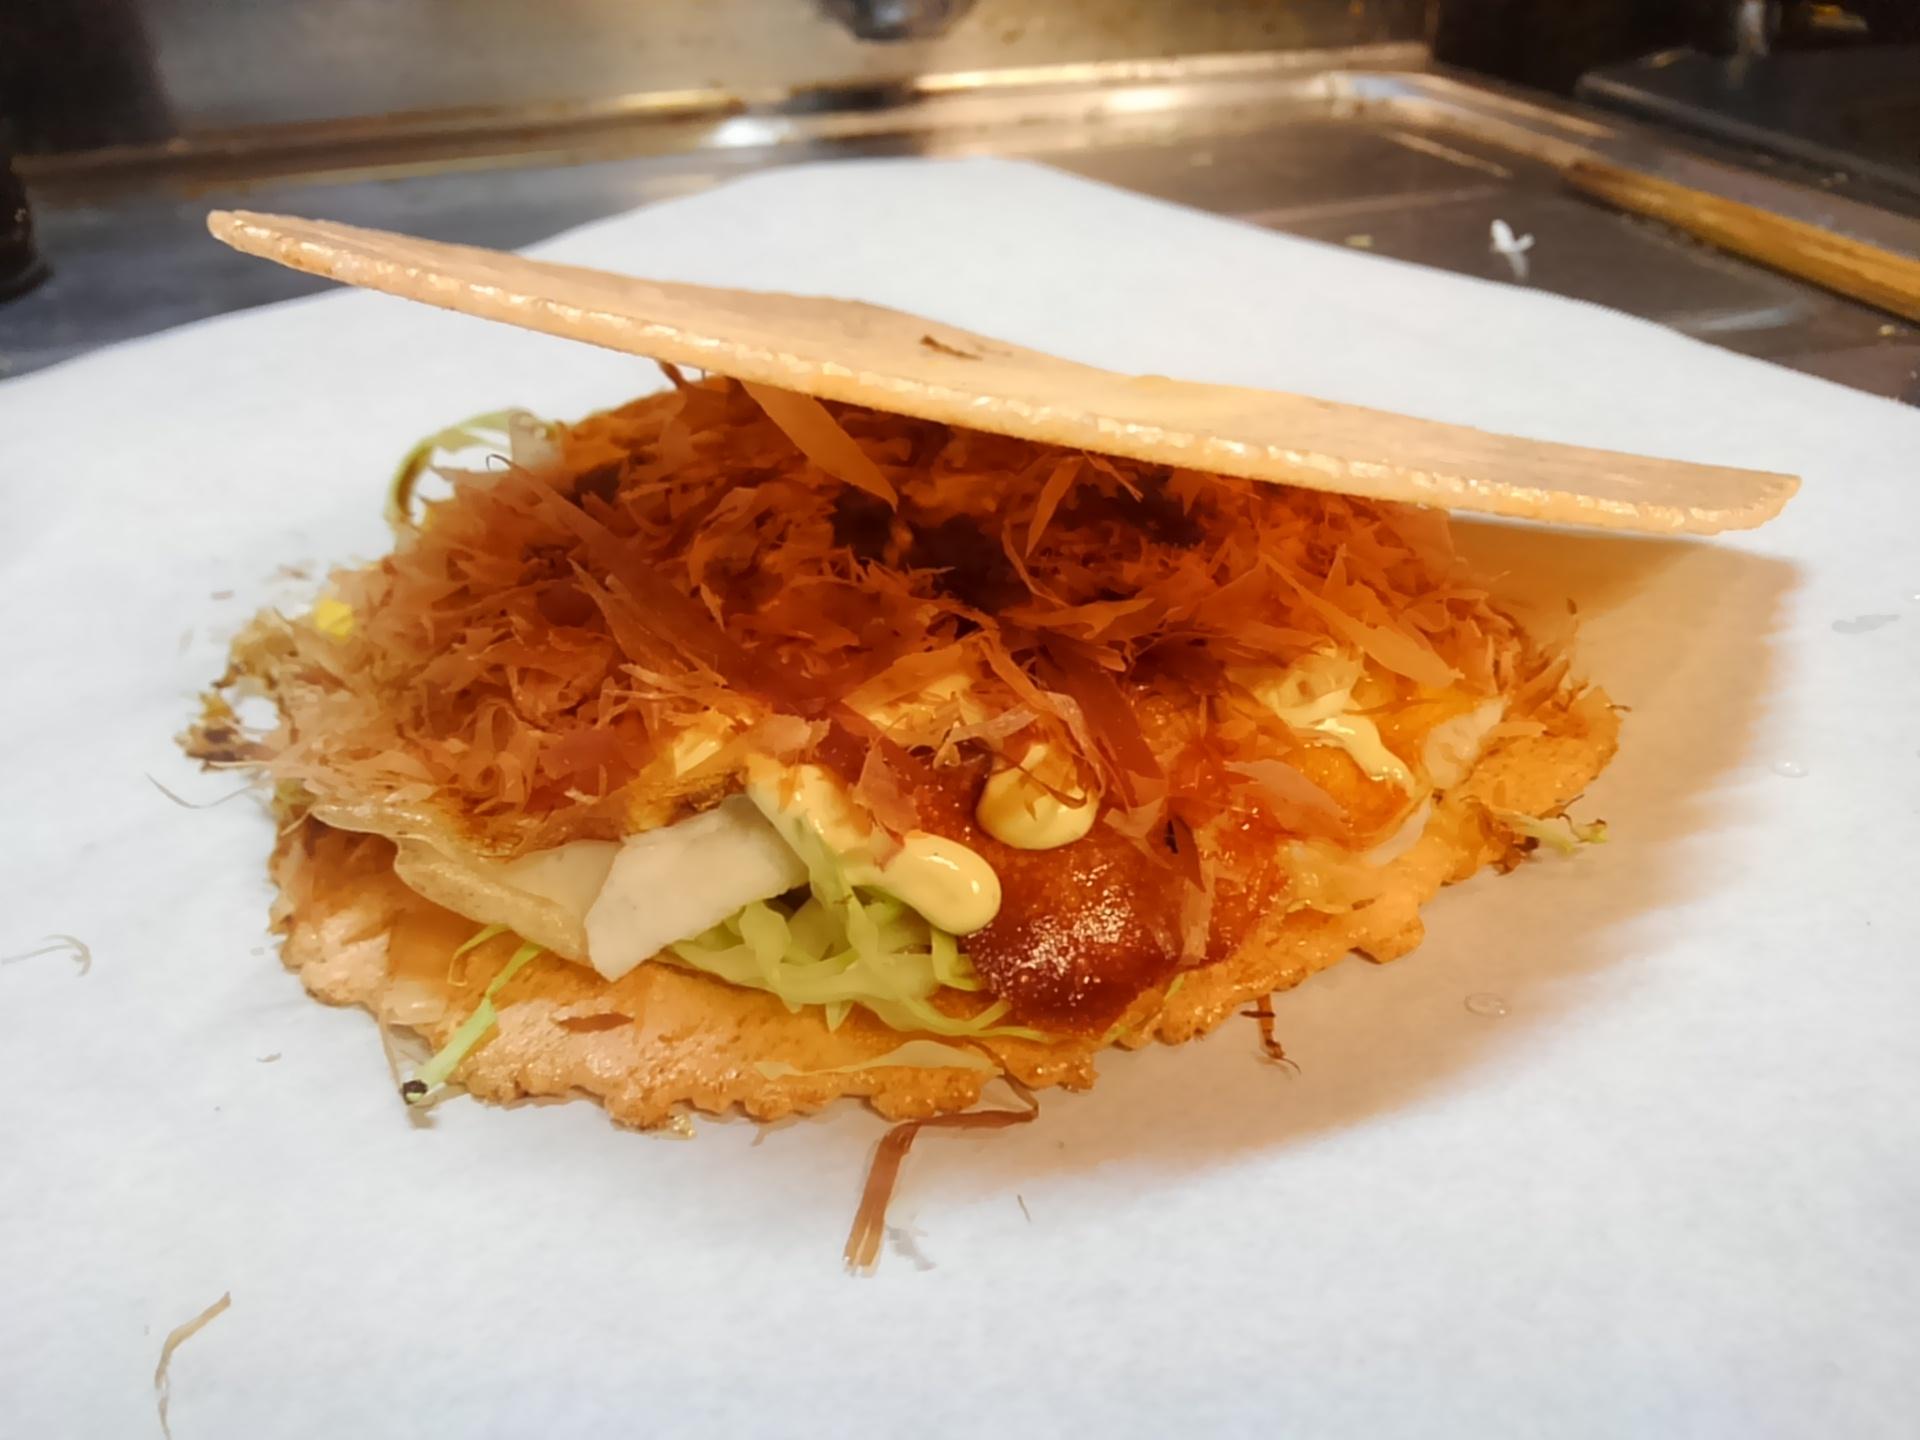 レシピ|名古屋の屋台グルメと言えばコレ!おやつにぴったり「たません」